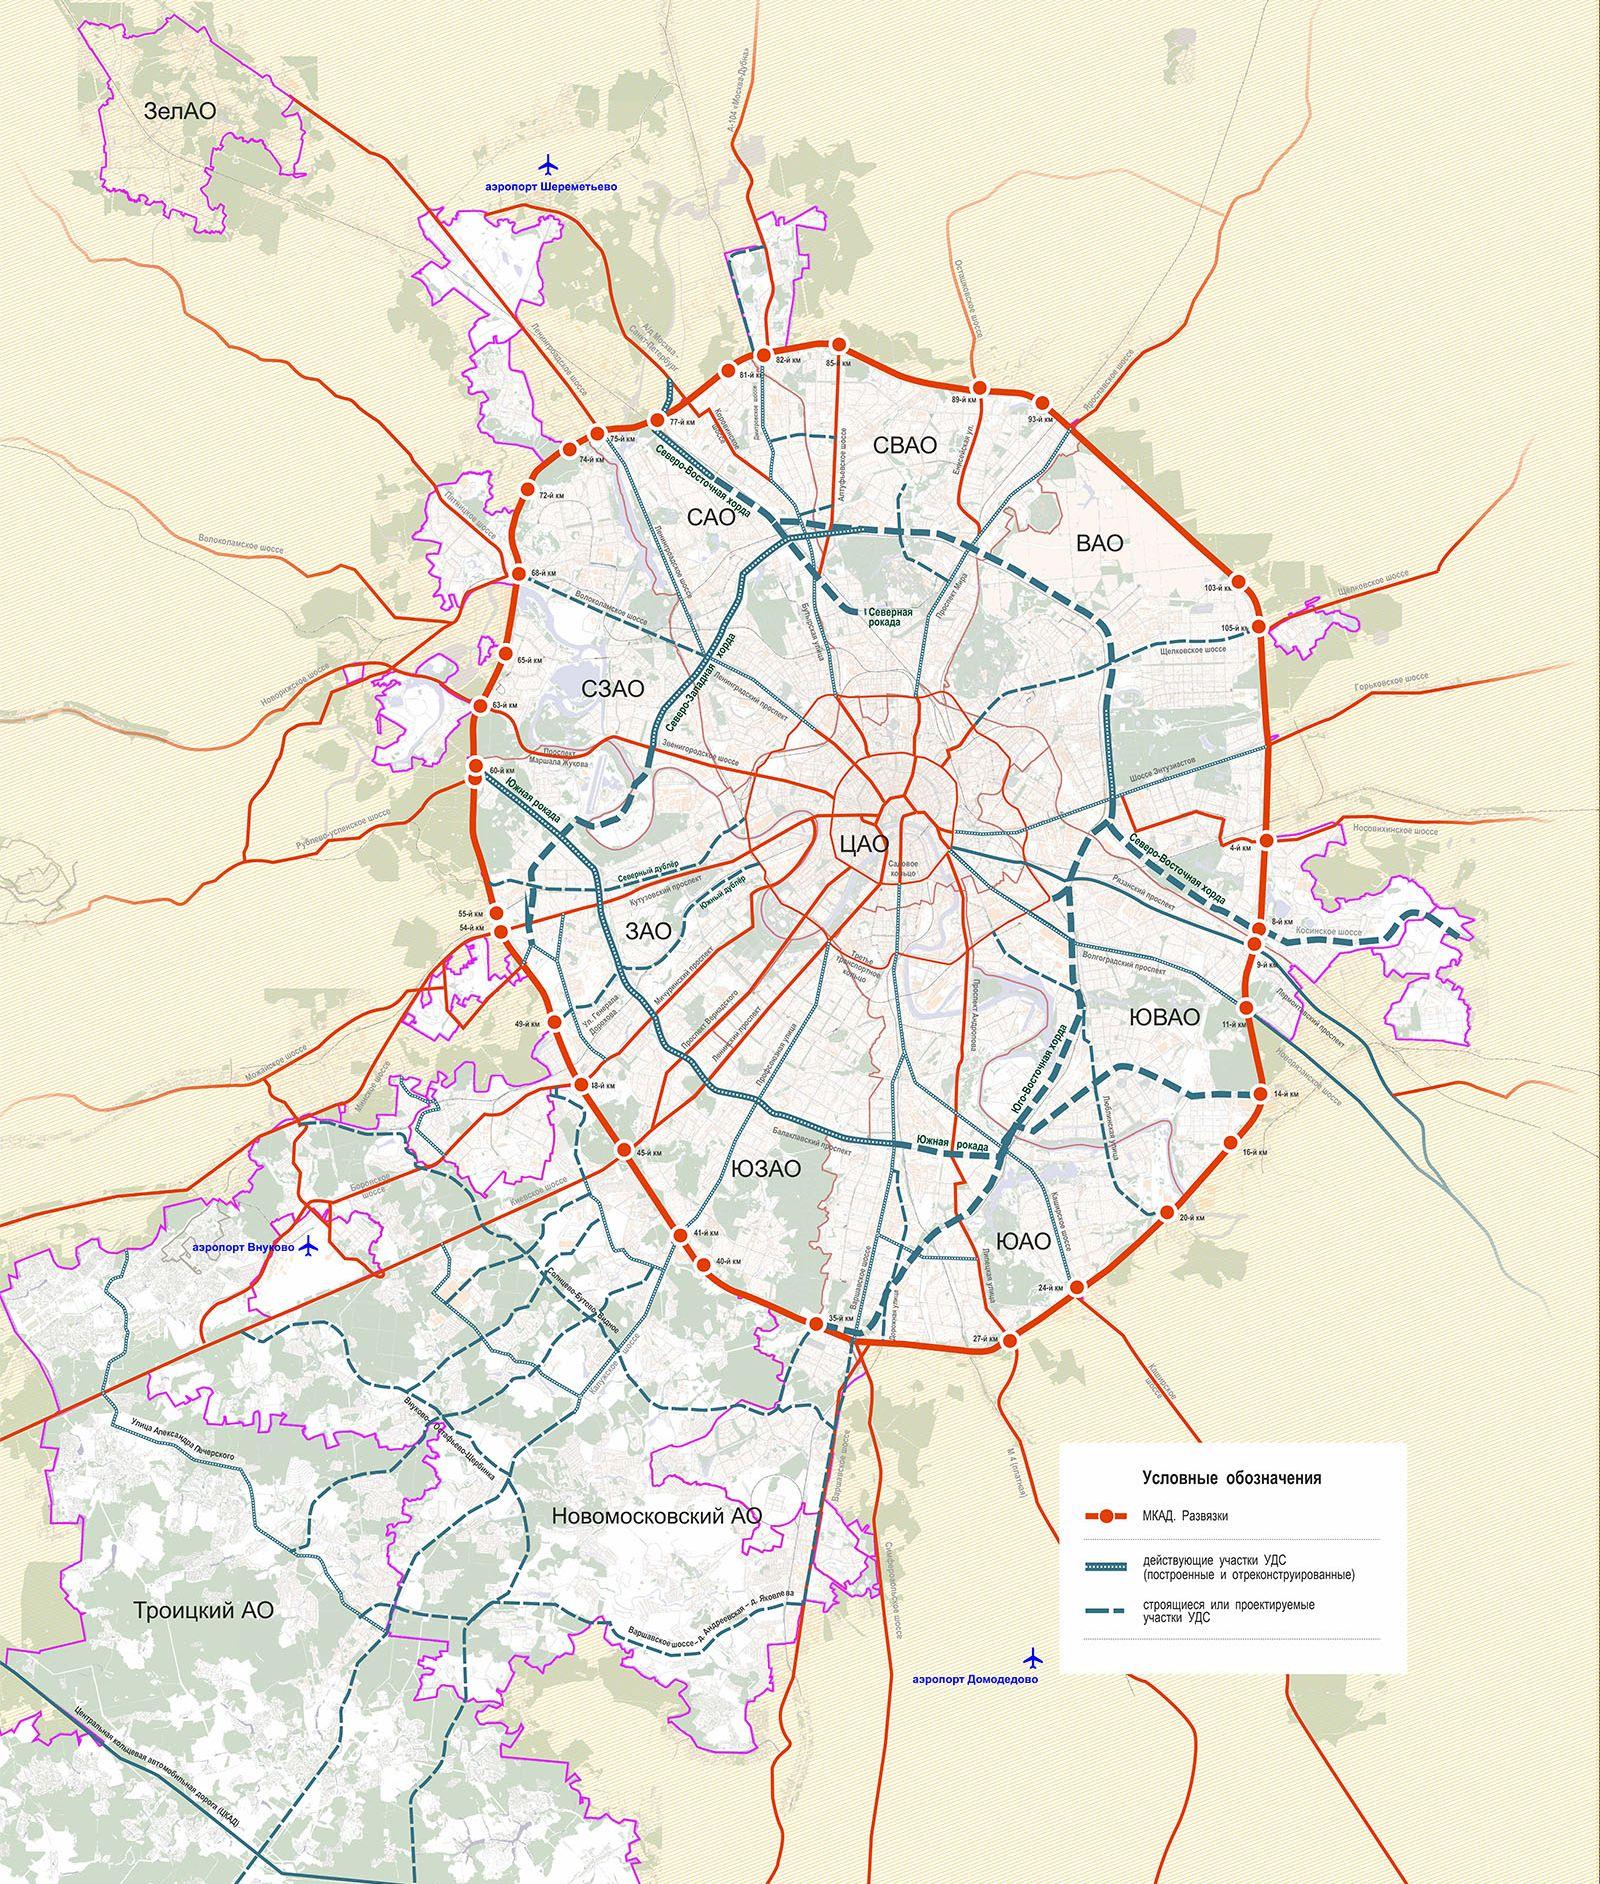 Развитие улично-дорожной сети до 2020 года